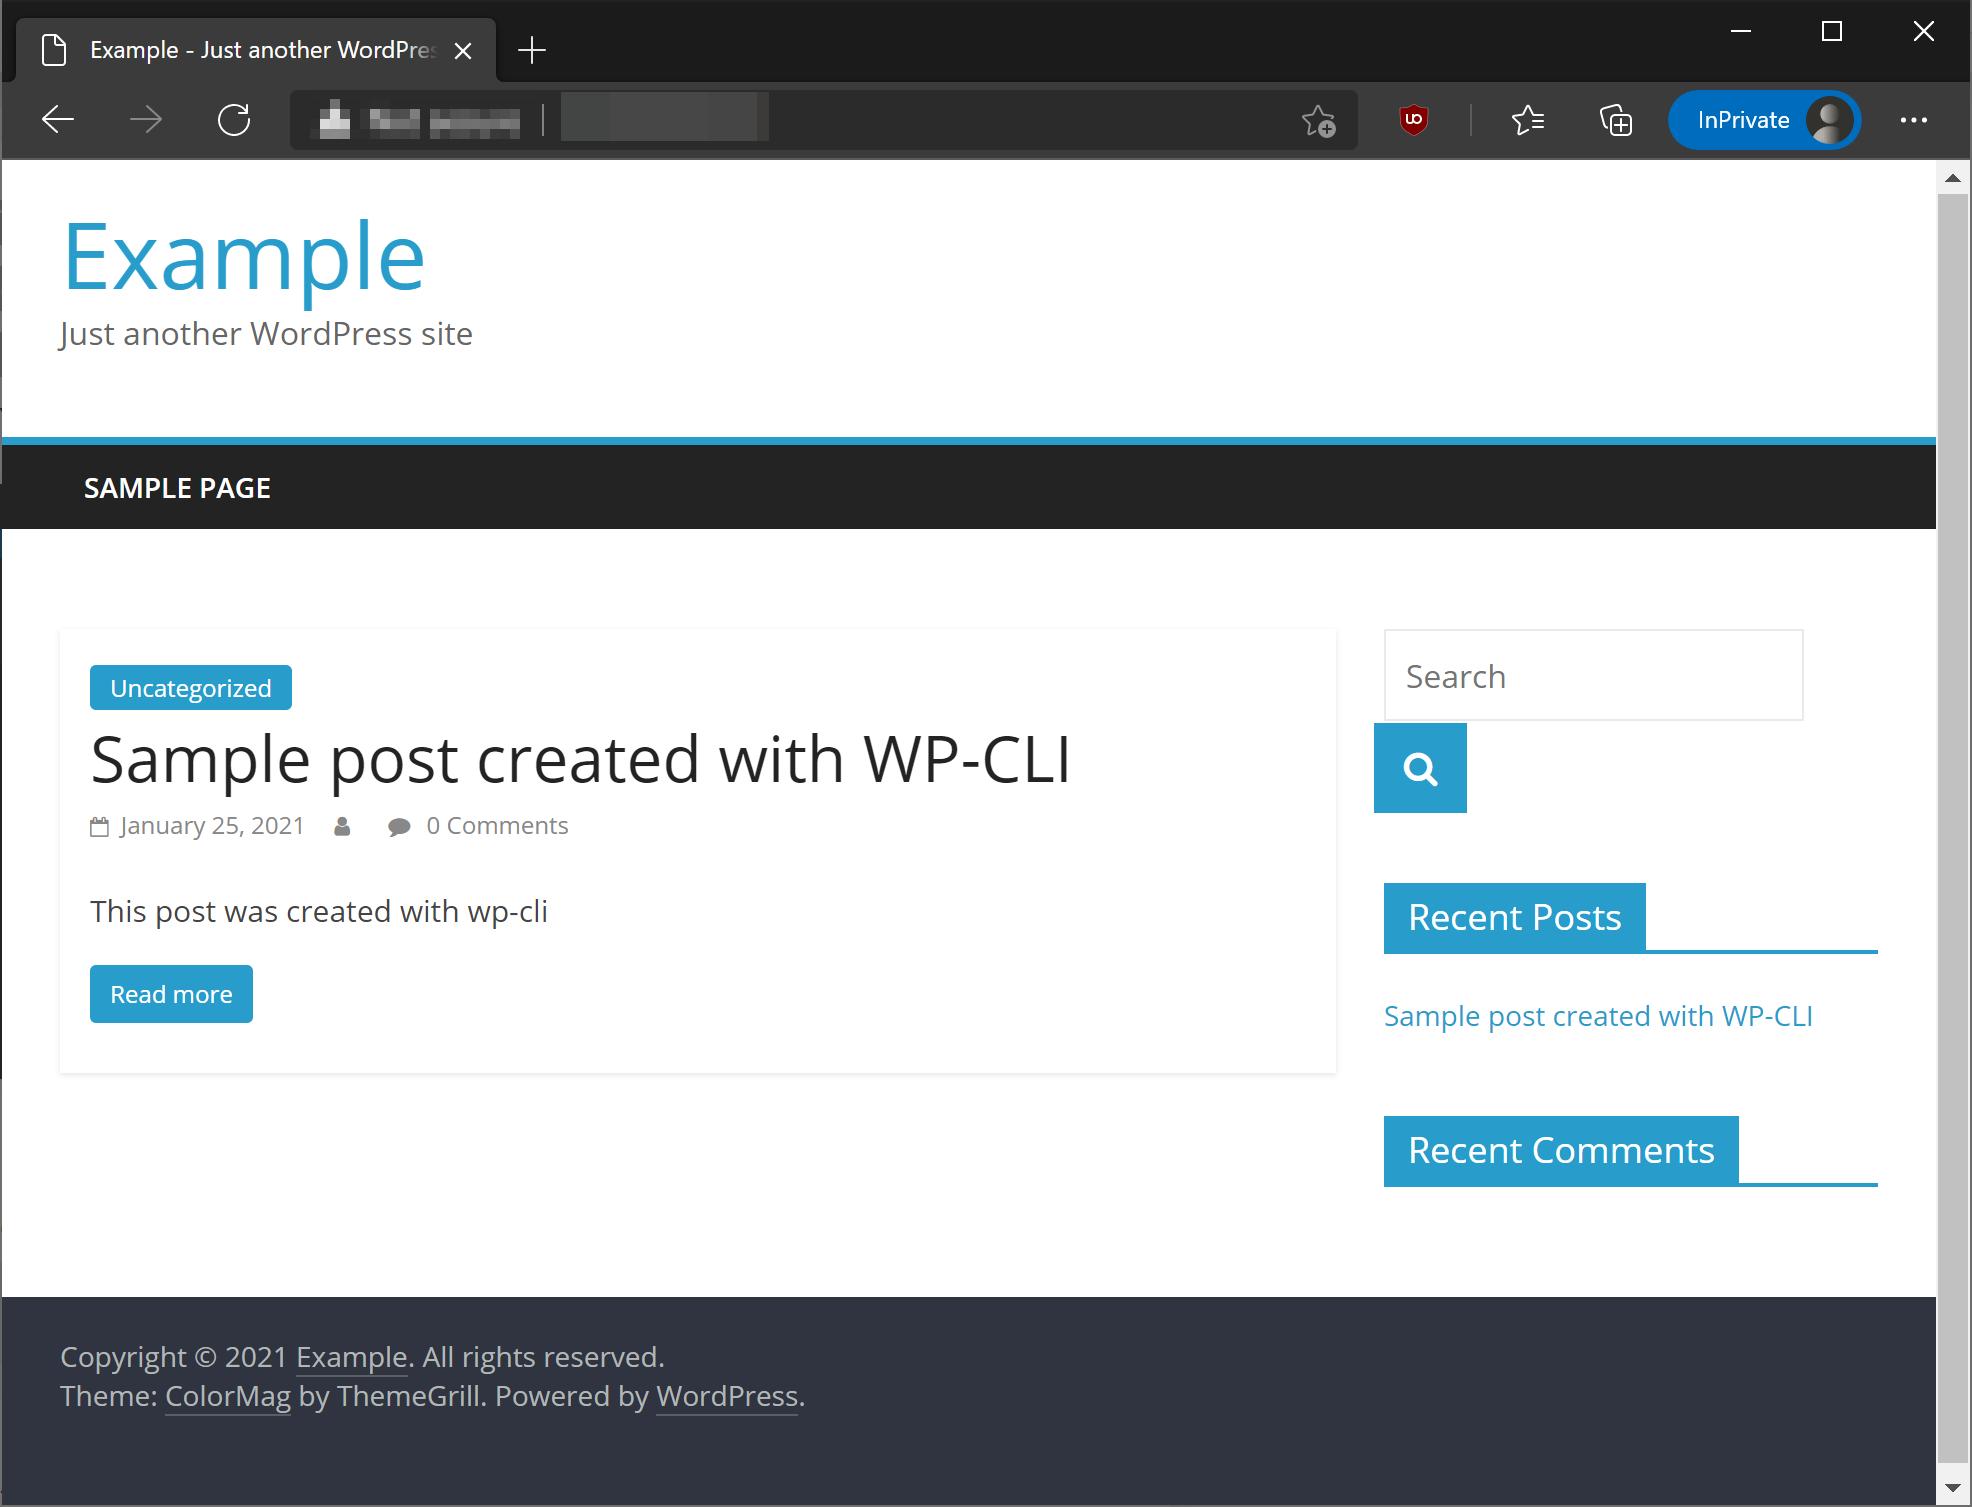 WP-CLI post